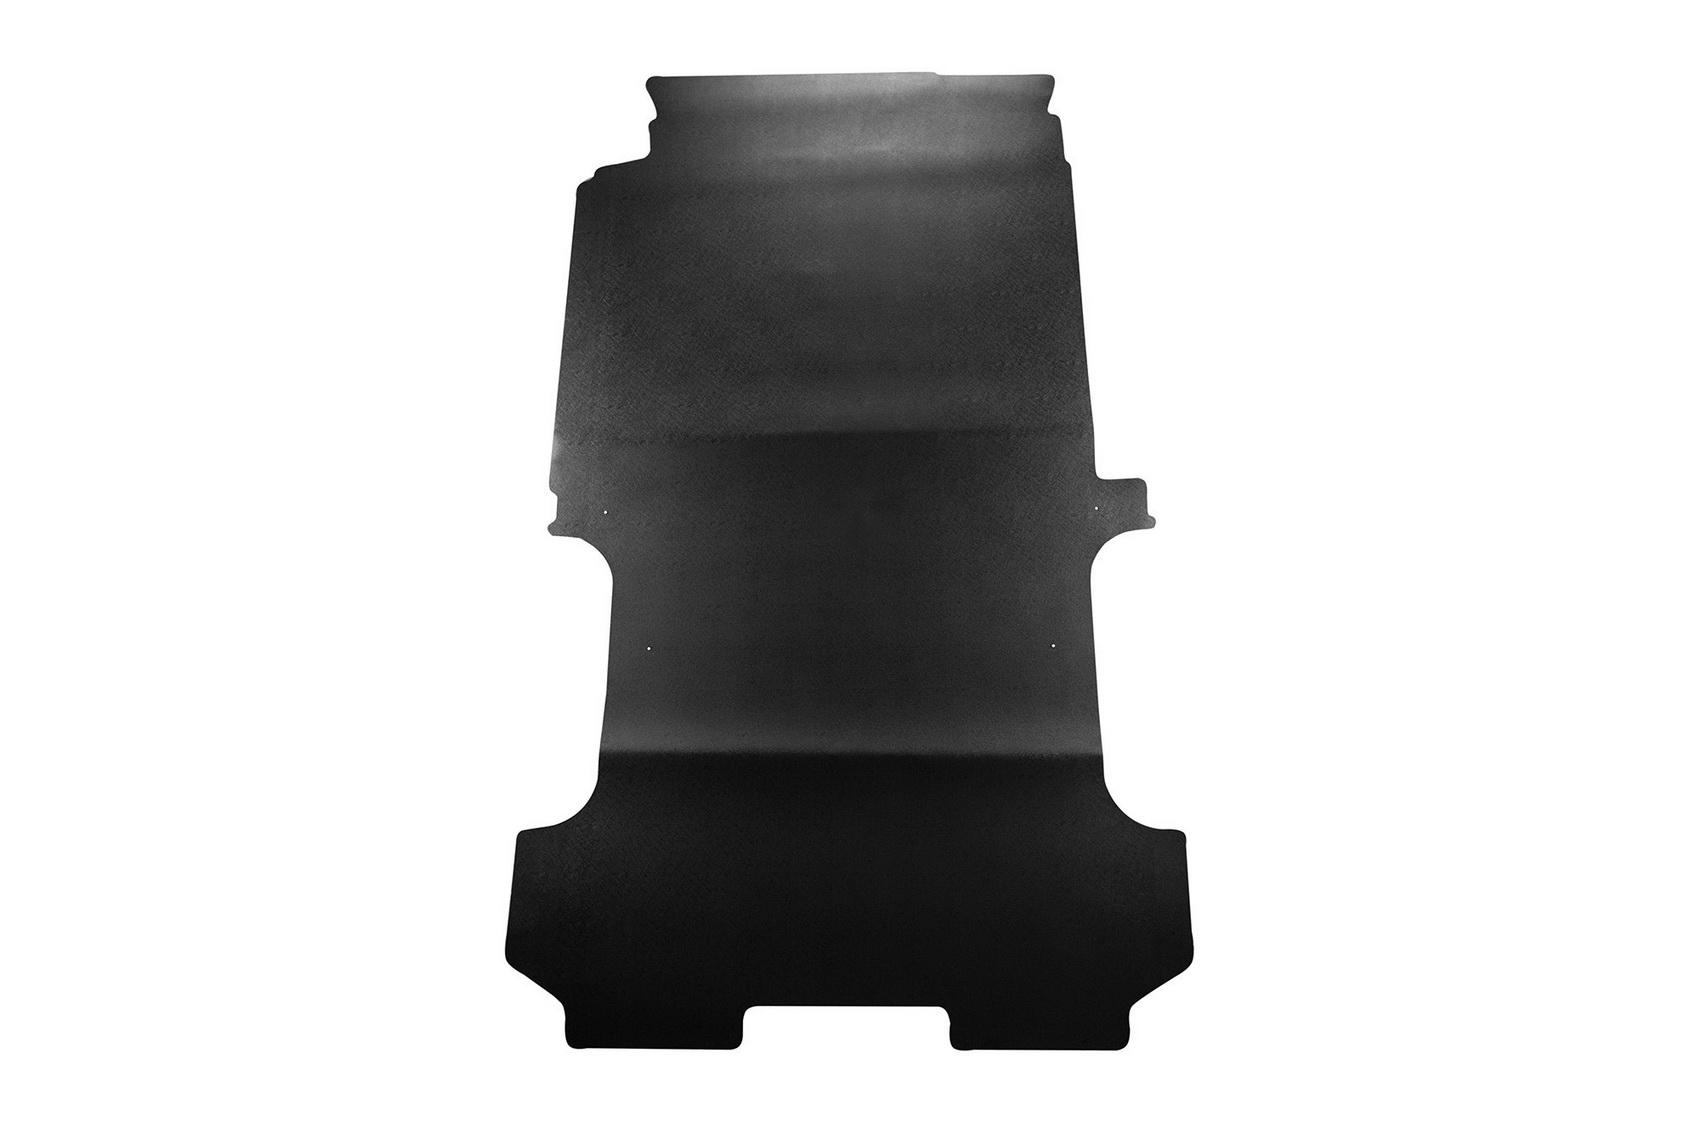 Protectie podea furgon  compatibil cu MERCEDES Vito lung 2014-